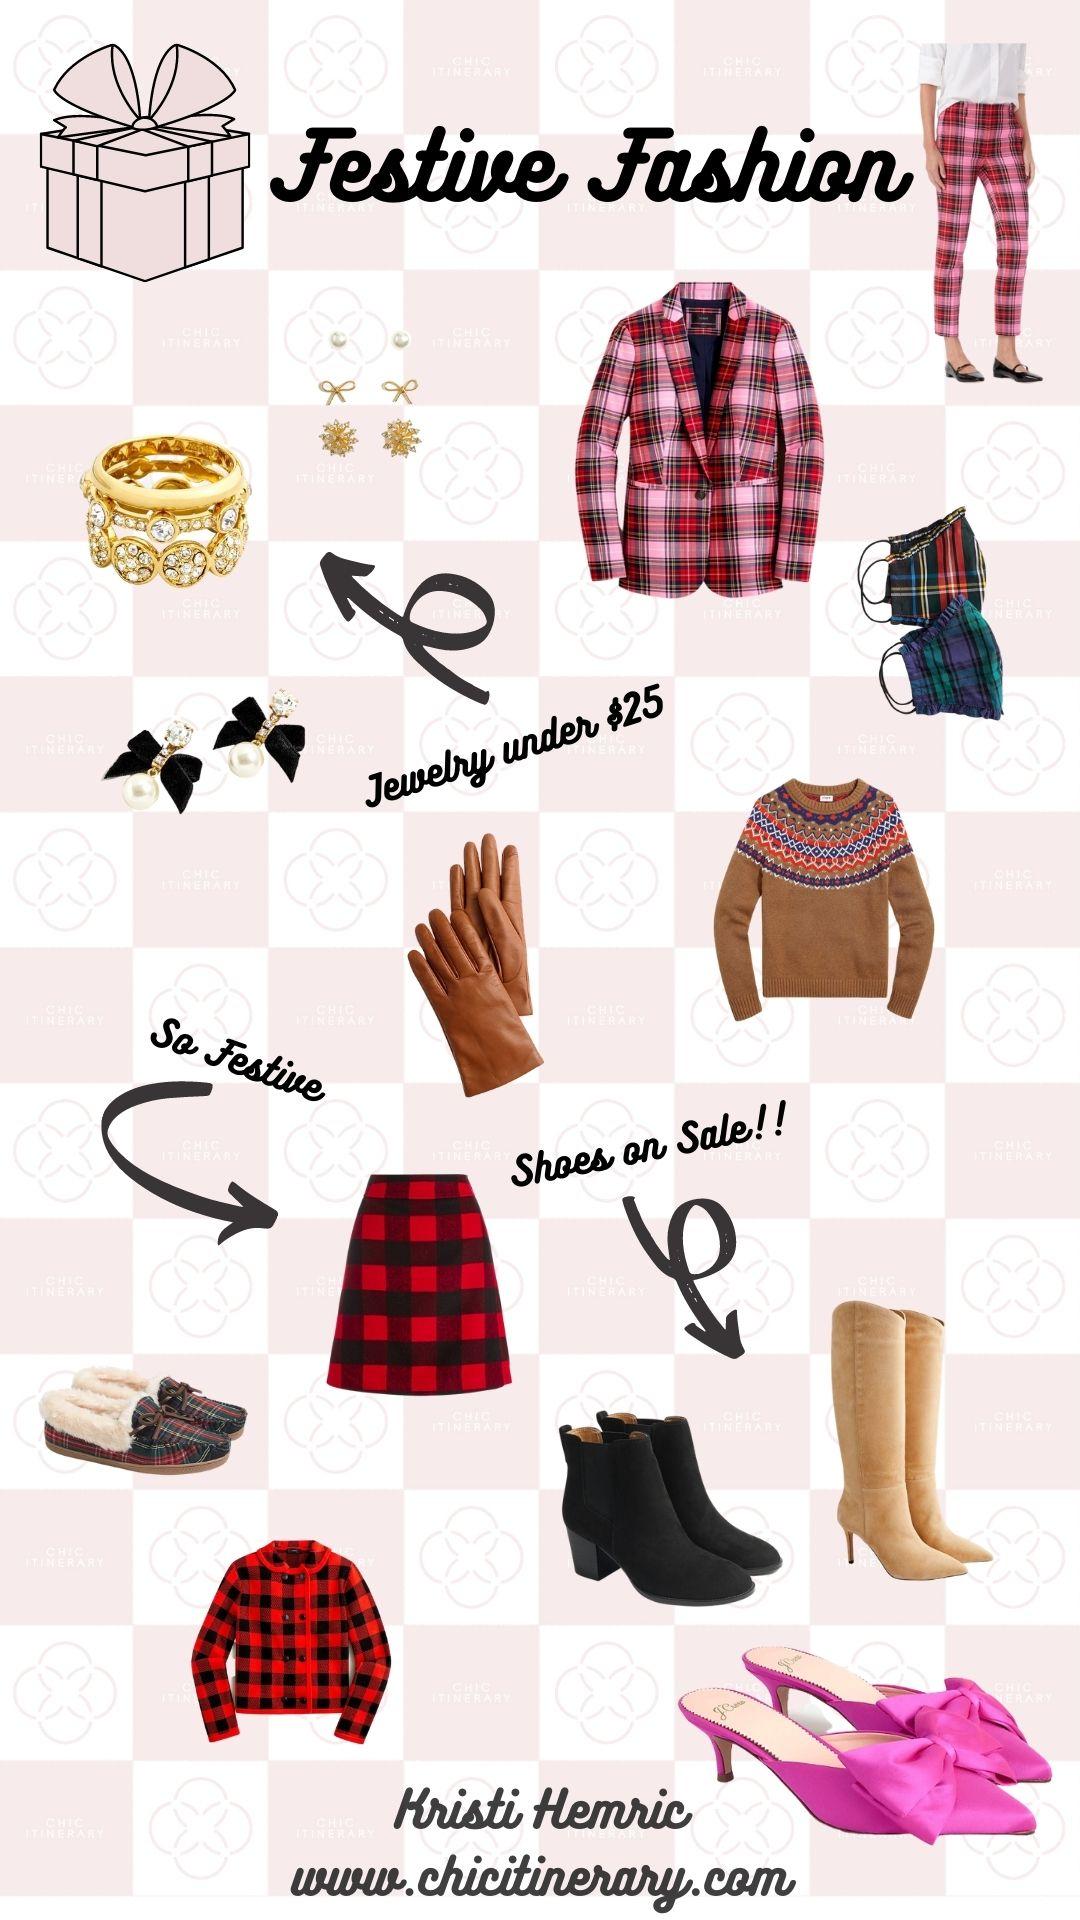 Festive Fashion Gift Guide for Holiday 2020 from Kristi Hemric (Instagram: @khemric)